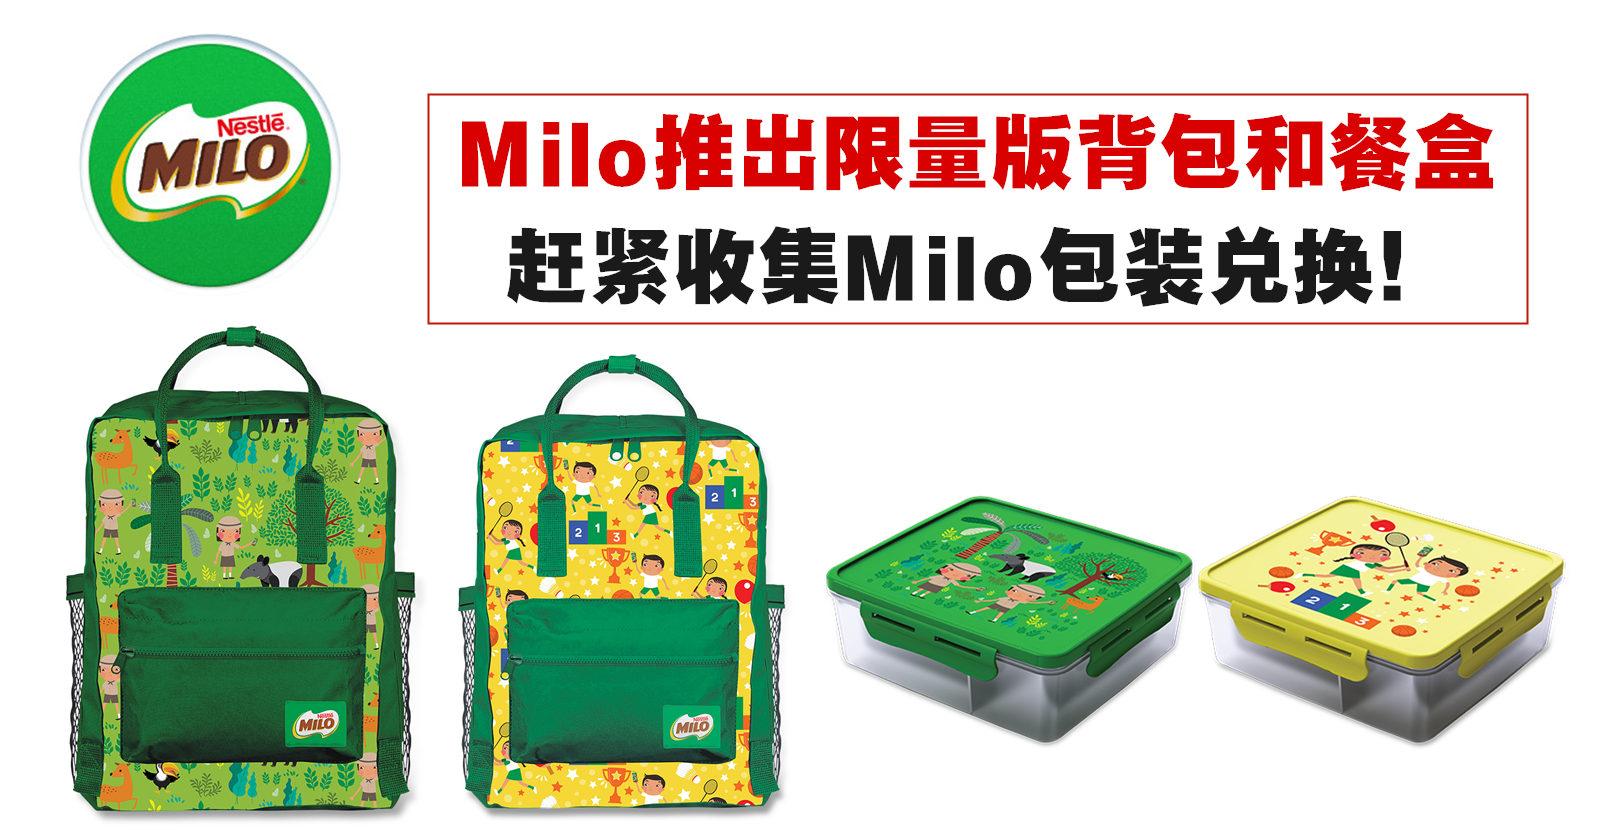 Milo推出限量版背包和餐盒